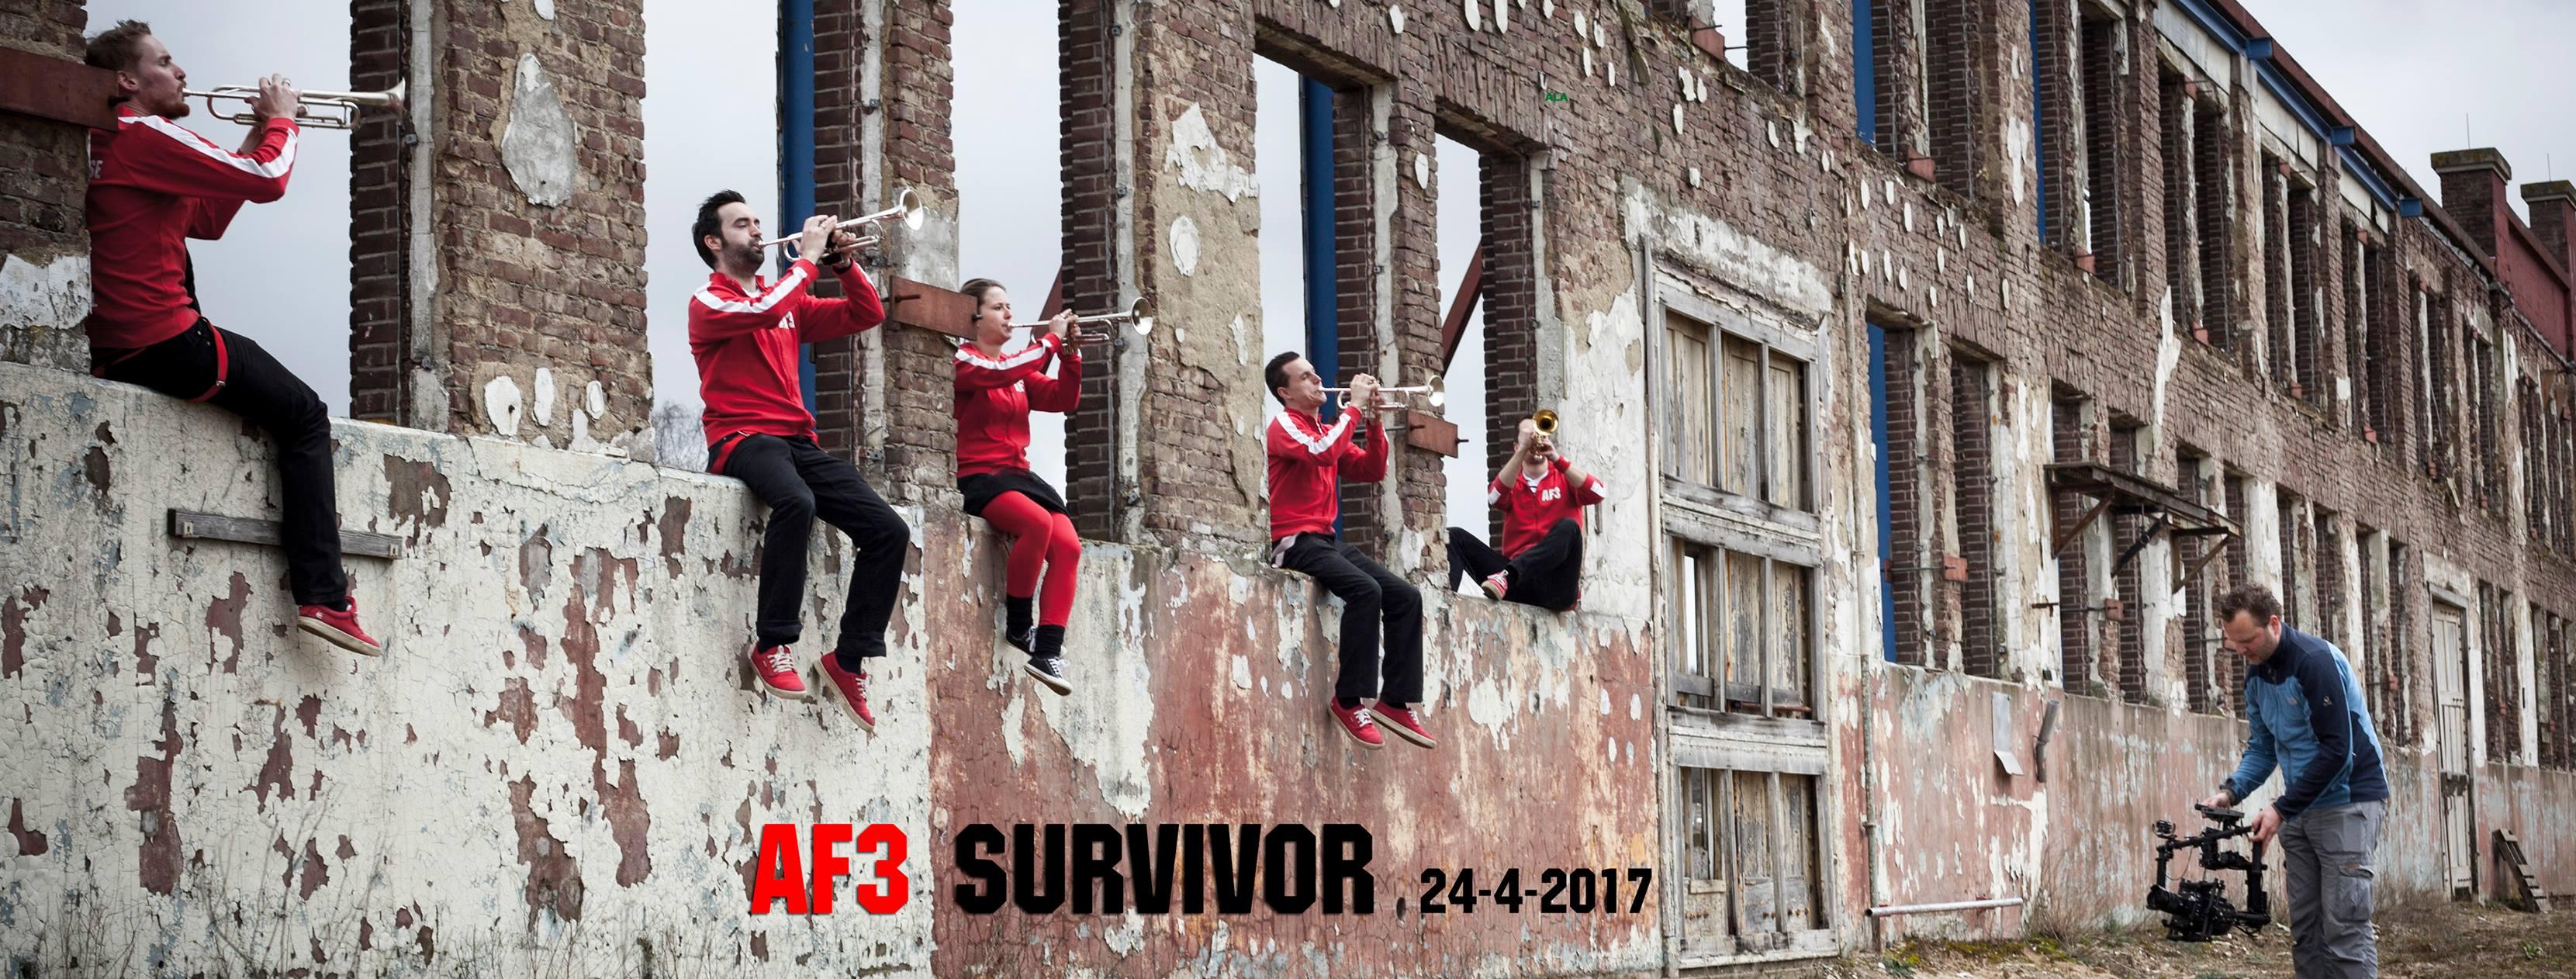 Videoclip Survivor van dweilorkest Alarmfase 3 uit Bemmel